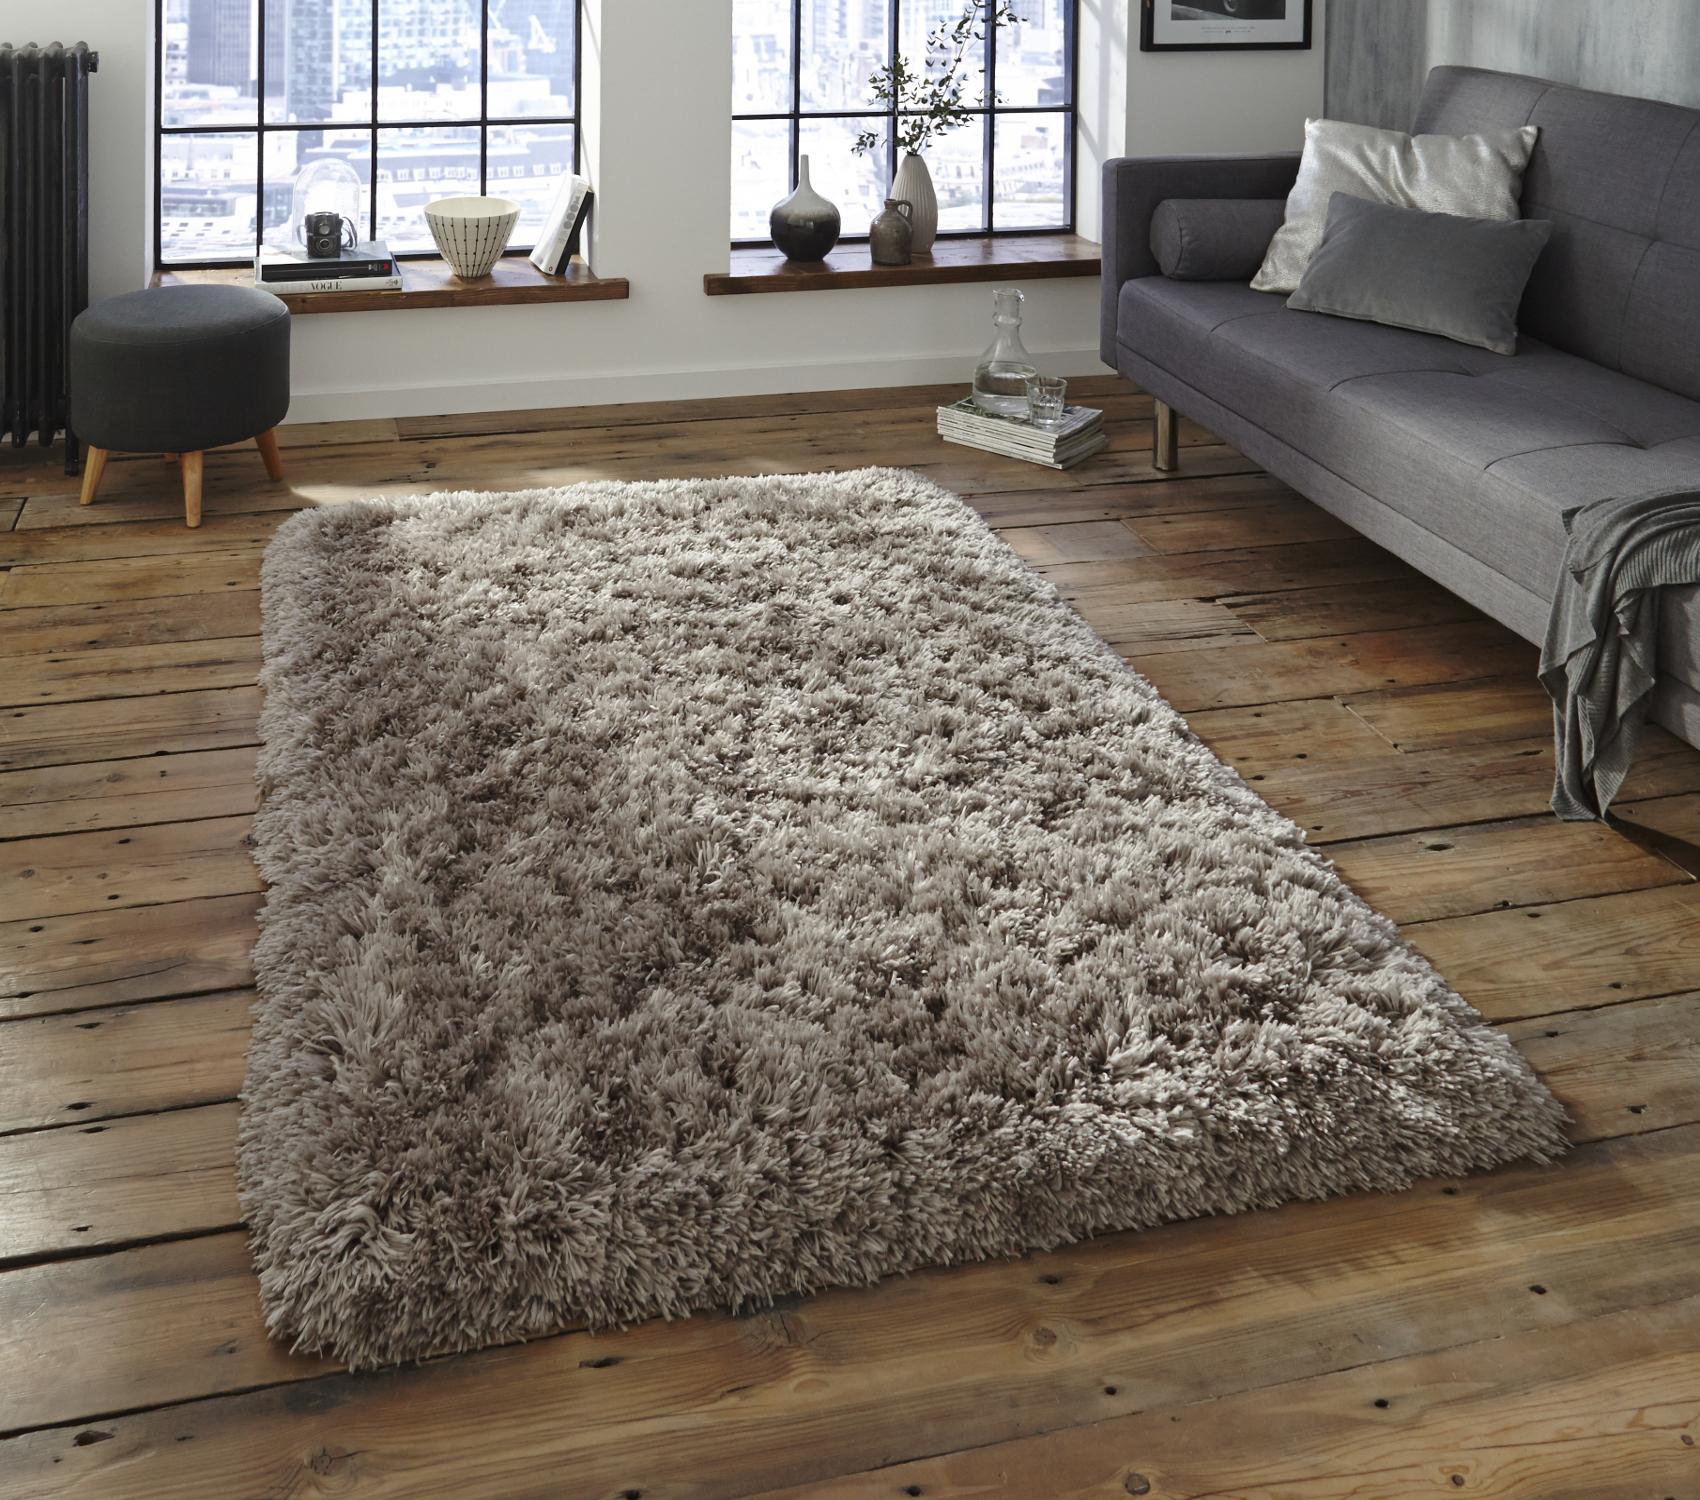 shaggy rugs grey thick shaggy 8.5cm pile rug luxurious hand tufted 100% acrylic polar UGEIUUQ